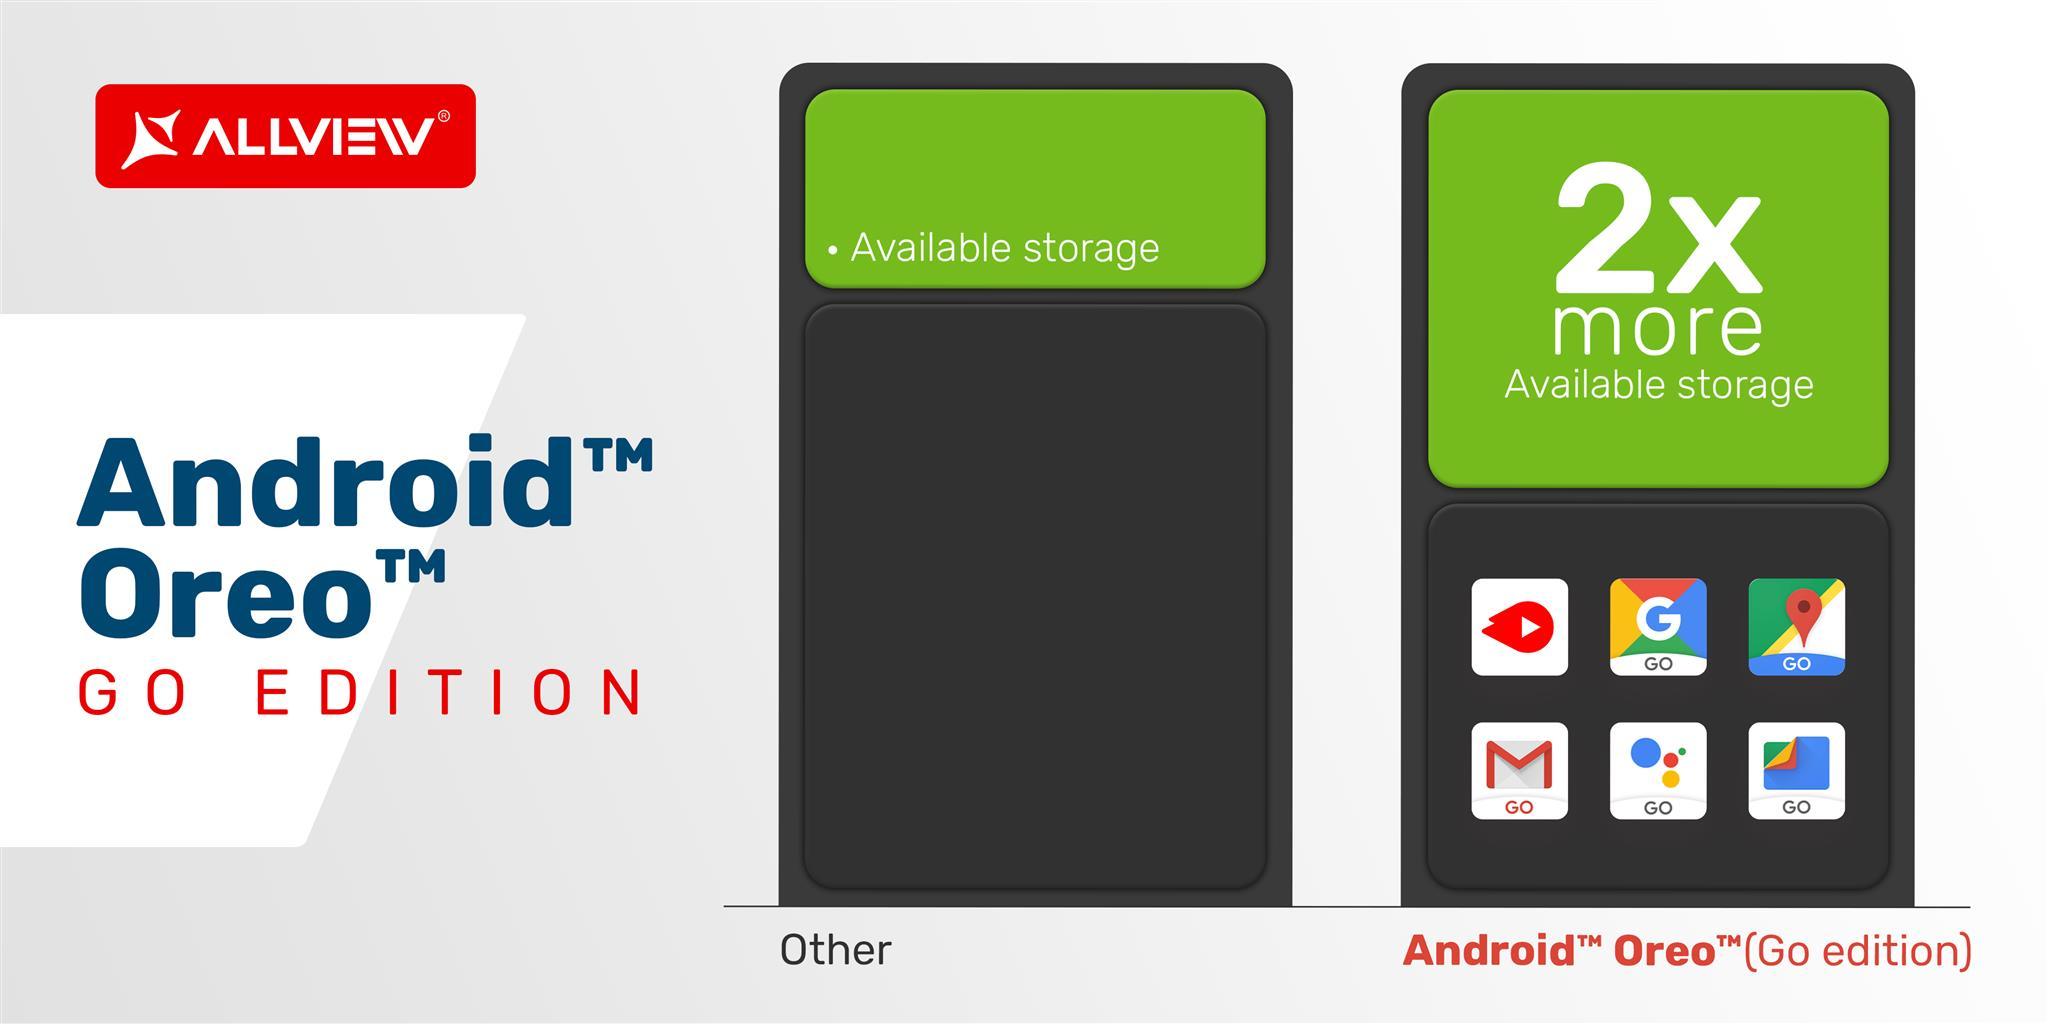 Așteptăm un dispozitiv Allview cu Android Go